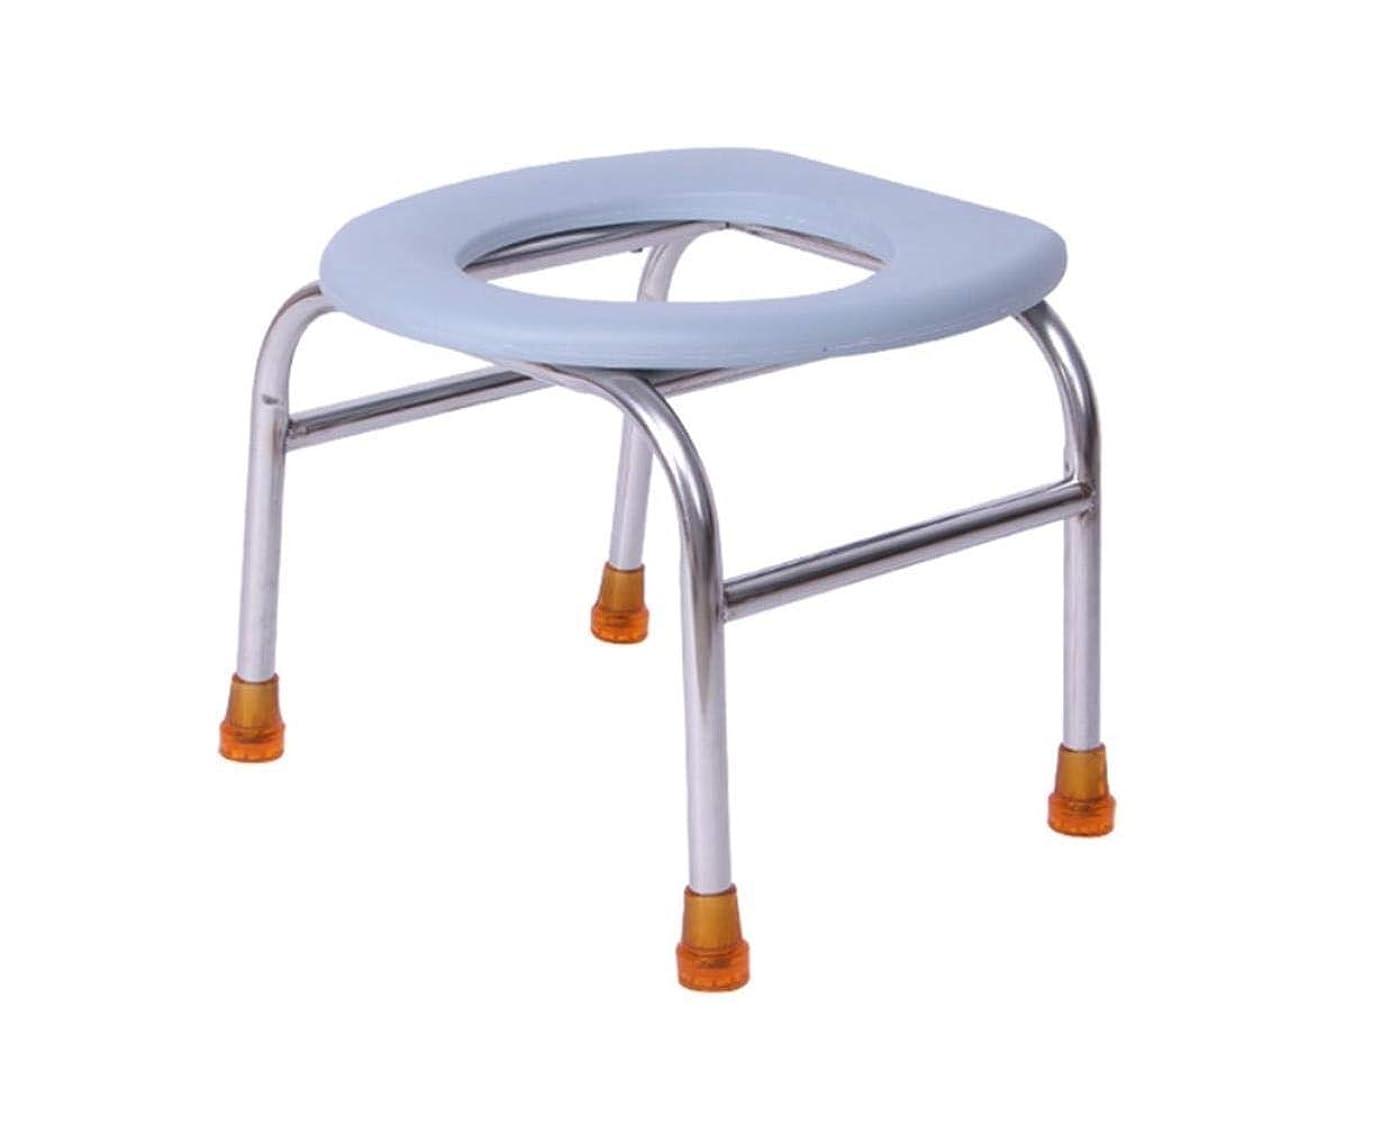 合体旅行者気絶させる滑り止めの便座スツール、高齢者の障害のある妊娠中の女性に適した高齢者の補助浴室の椅子